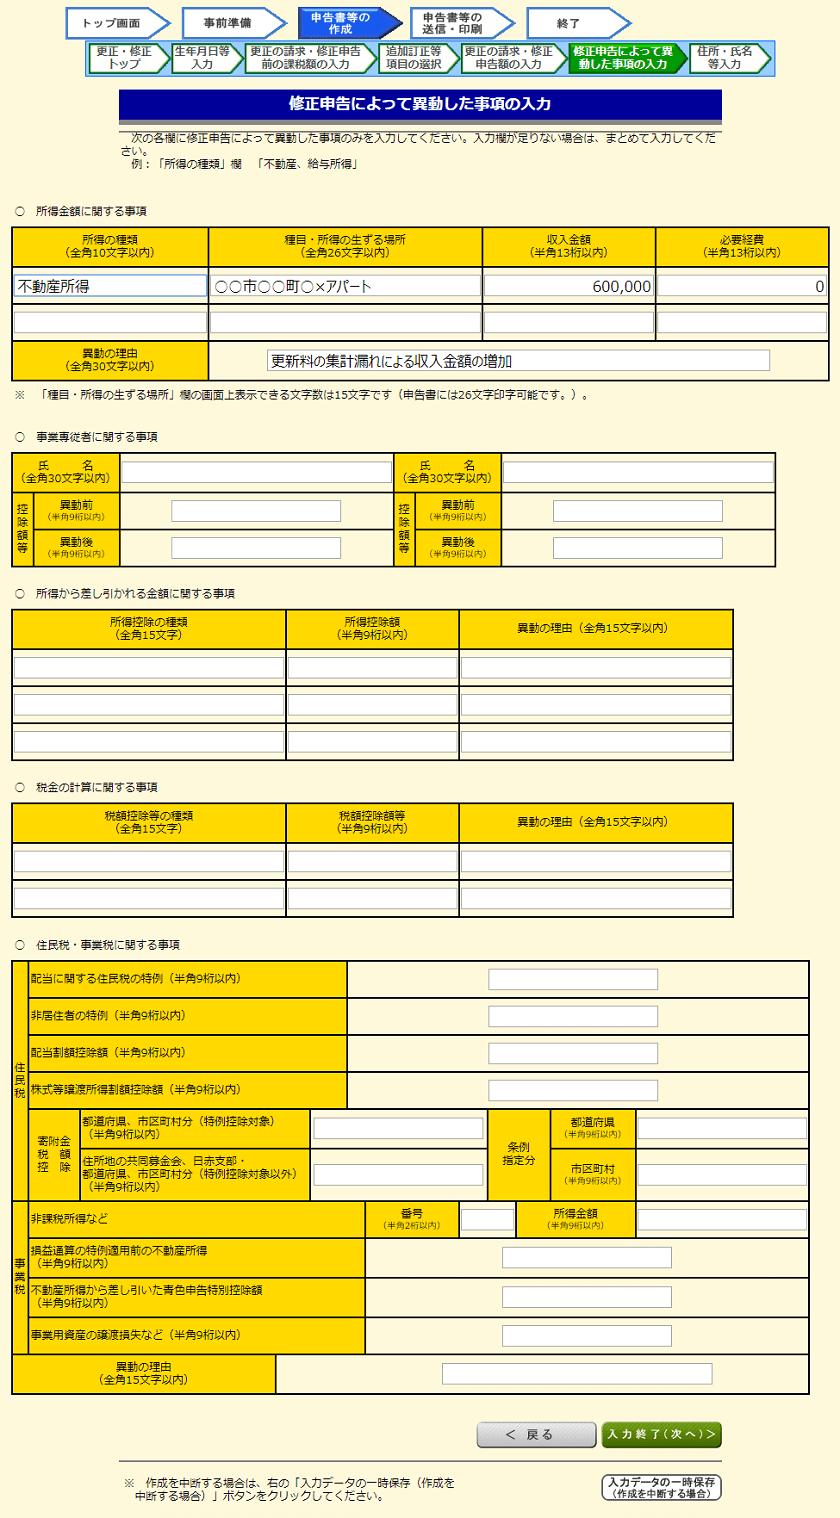 令和元年分-所得税等の更正の請求書等-23